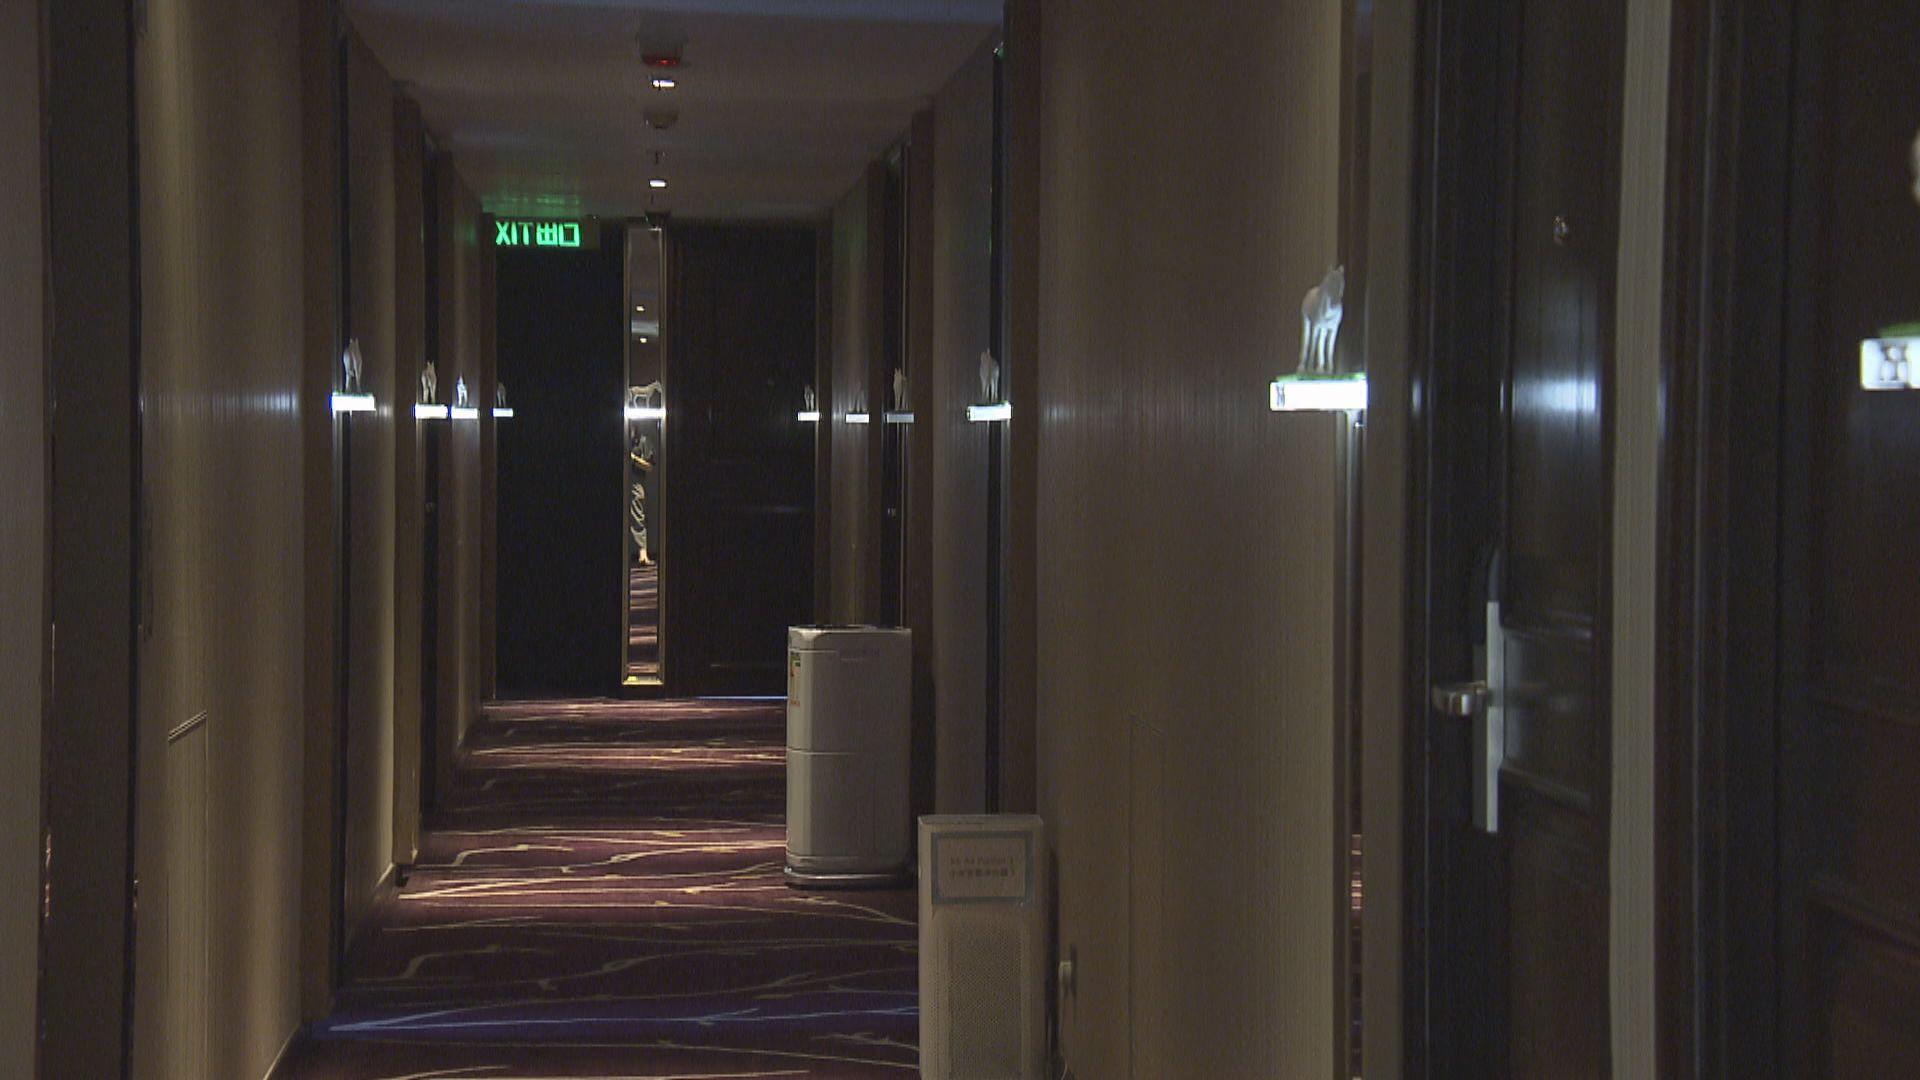 第二輪指定檢疫酒店八成三房間每晚房價低於1000元